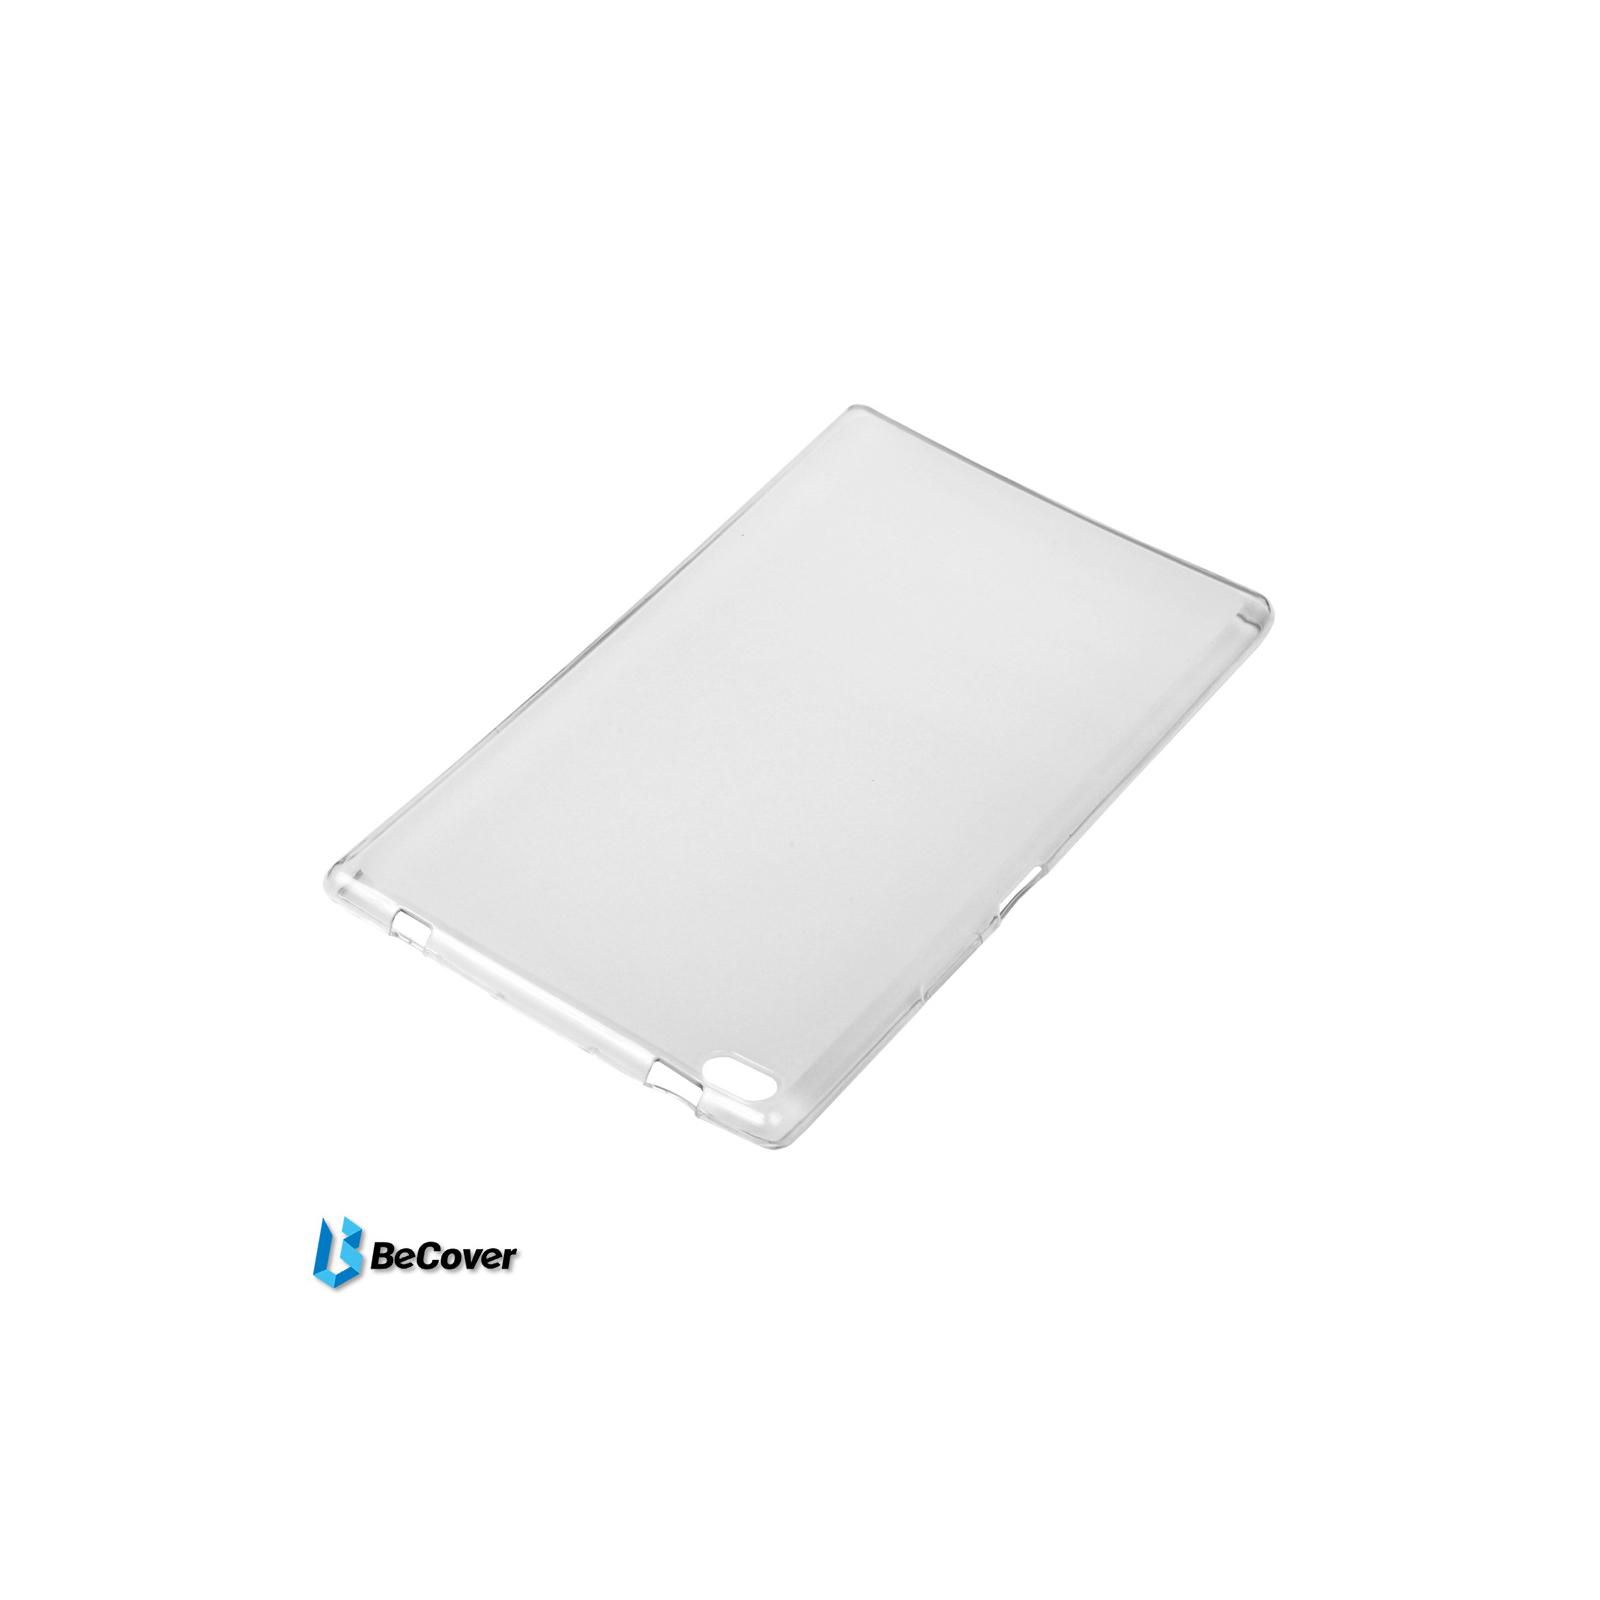 Чехол для планшета BeCover Lenovo Tab 4 8.0 TB-8504 Transparancy (701743) изображение 2